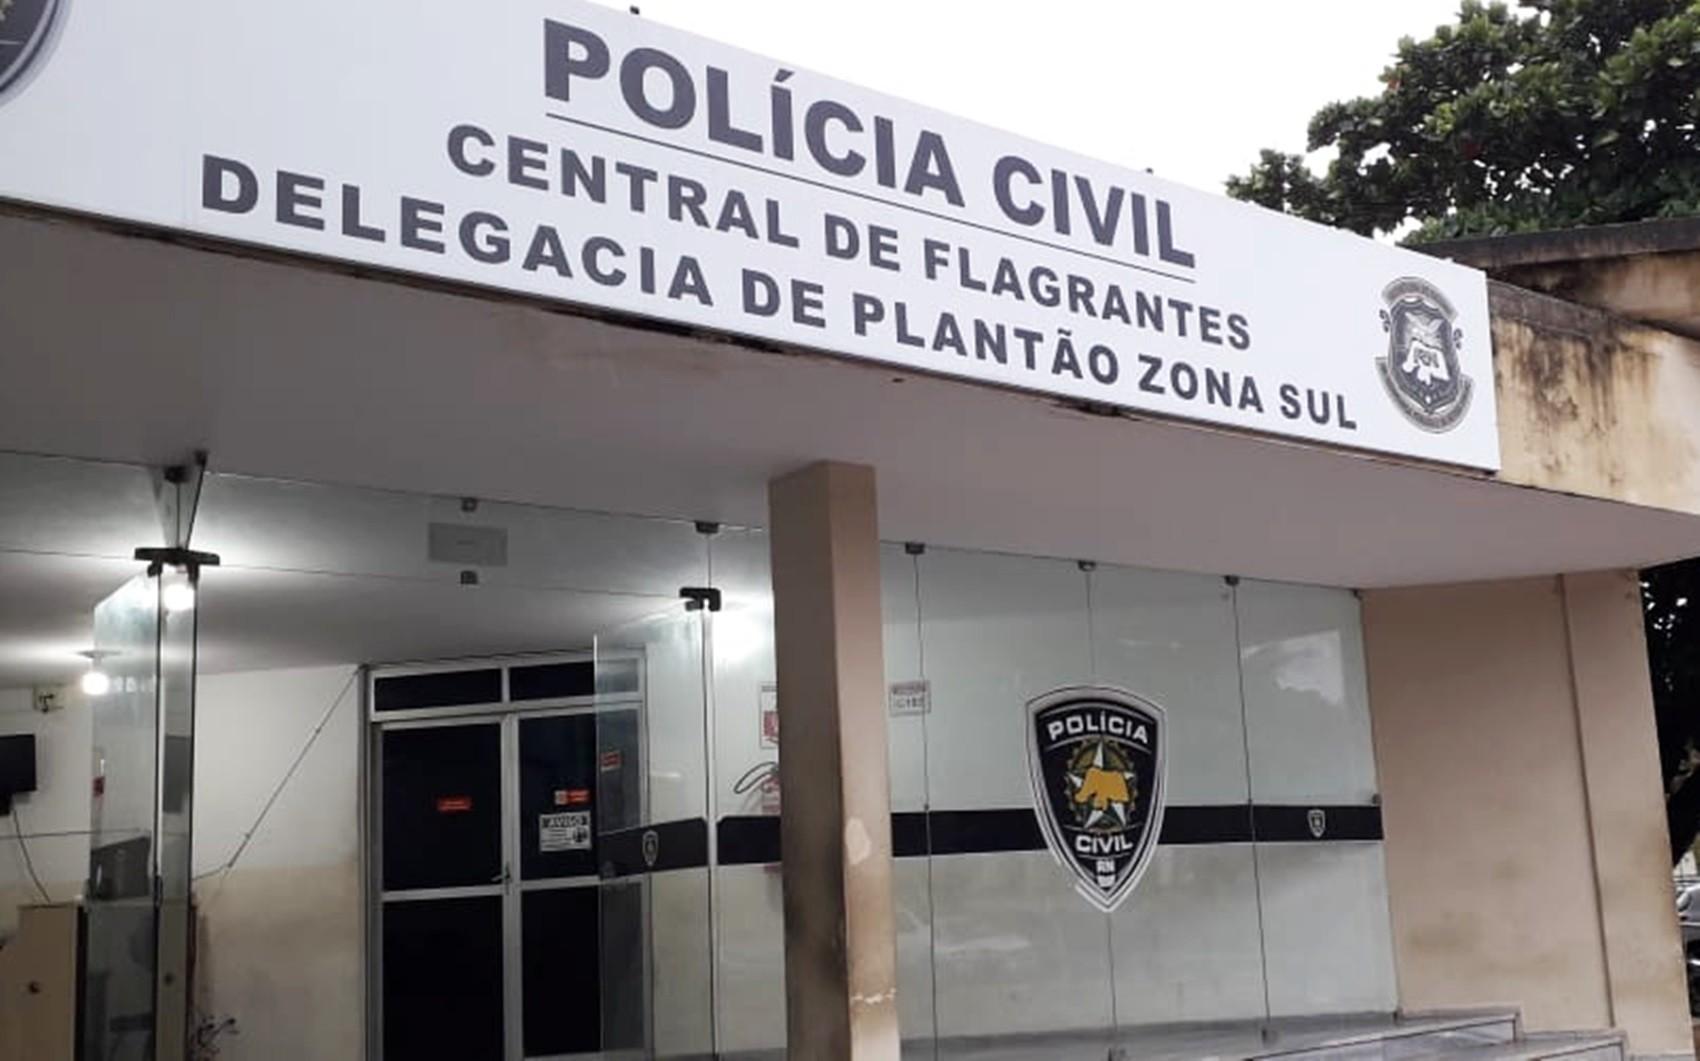 Motorista de aplicativo sofre sequestro relâmpago e tem carro levado por assaltantes em Natal - Notícias - Plantão Diário